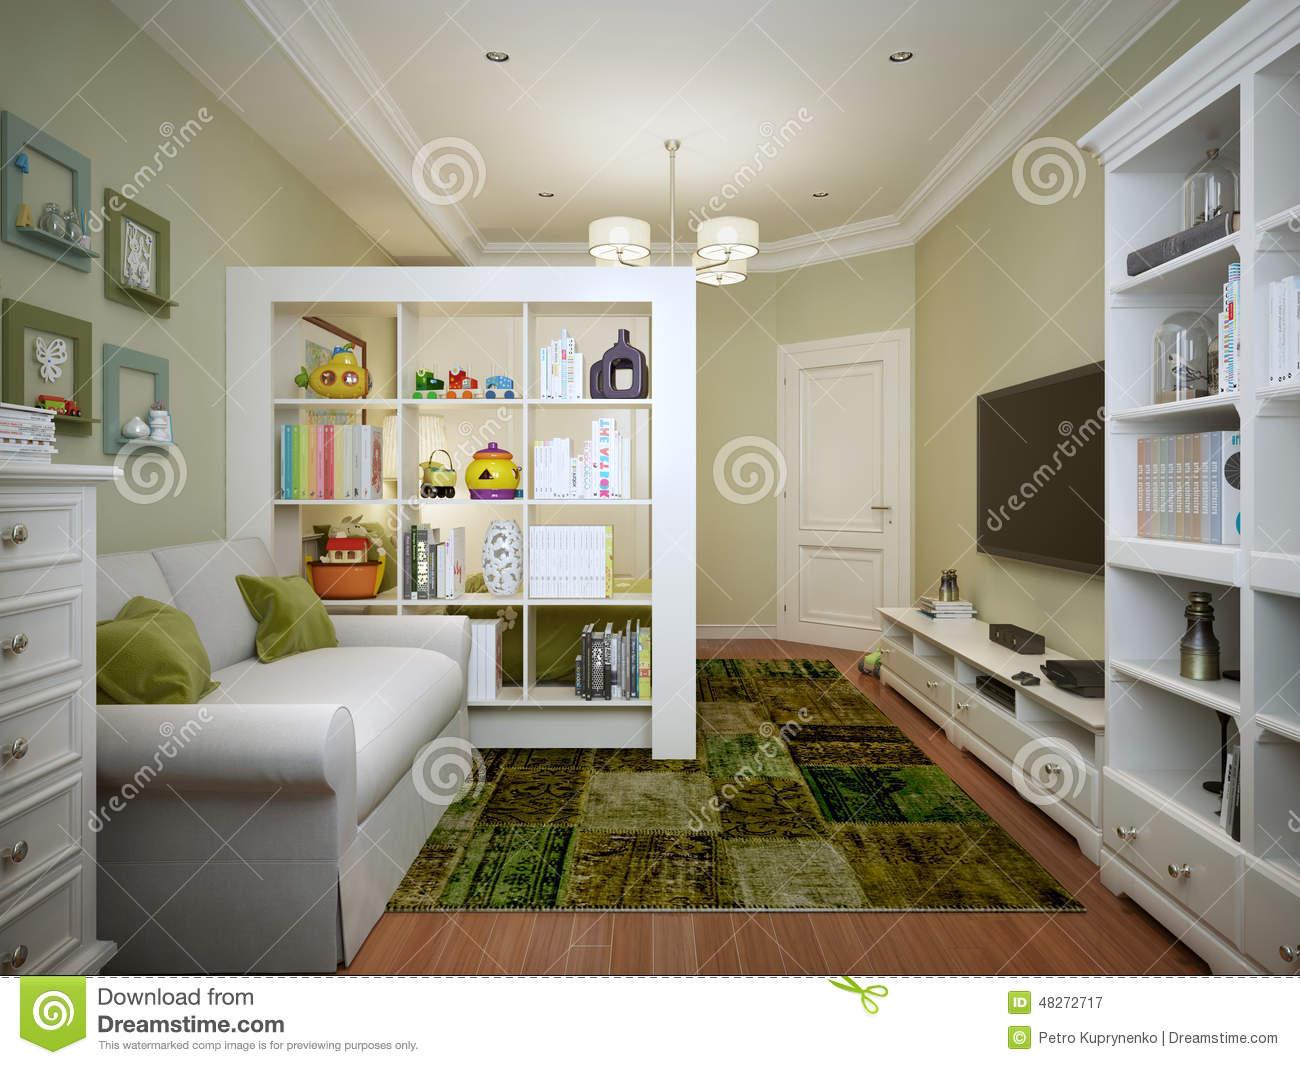 Full Size of Jungen 4 Jahre 3 Komplett 8 Wandtattoo Junge 7 Einrichten 1 5 6 Wandgestaltung Gestalten Hochbett Baby Regal Sofa Regale Weiß Kinderzimmer Kinderzimmer Jungen